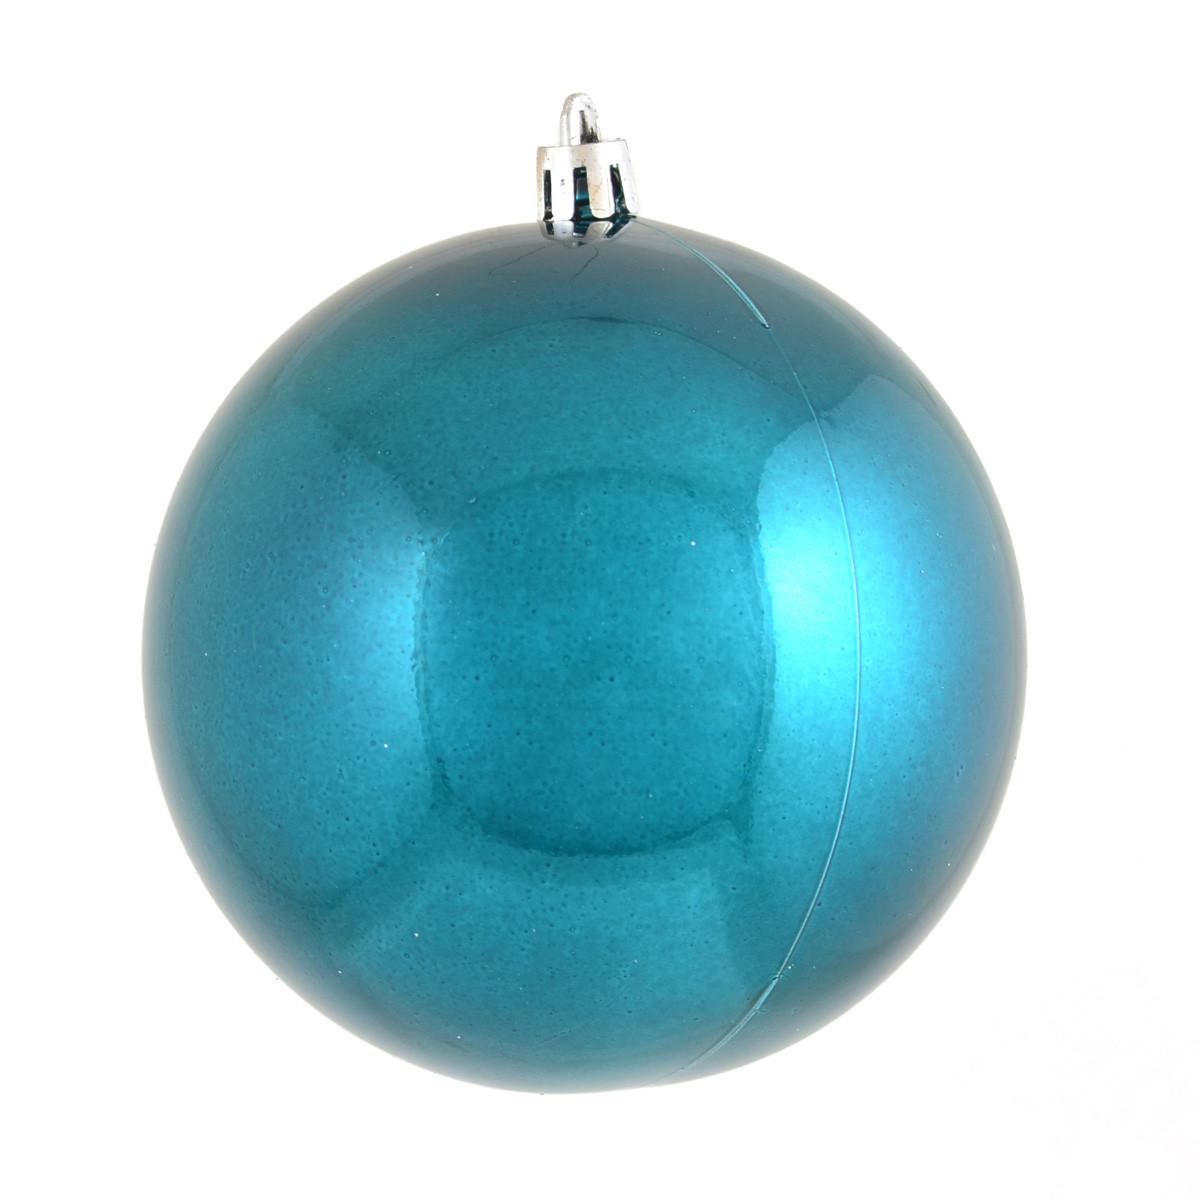 Шар Yes! Fun d - 10 см, голубой перламутр